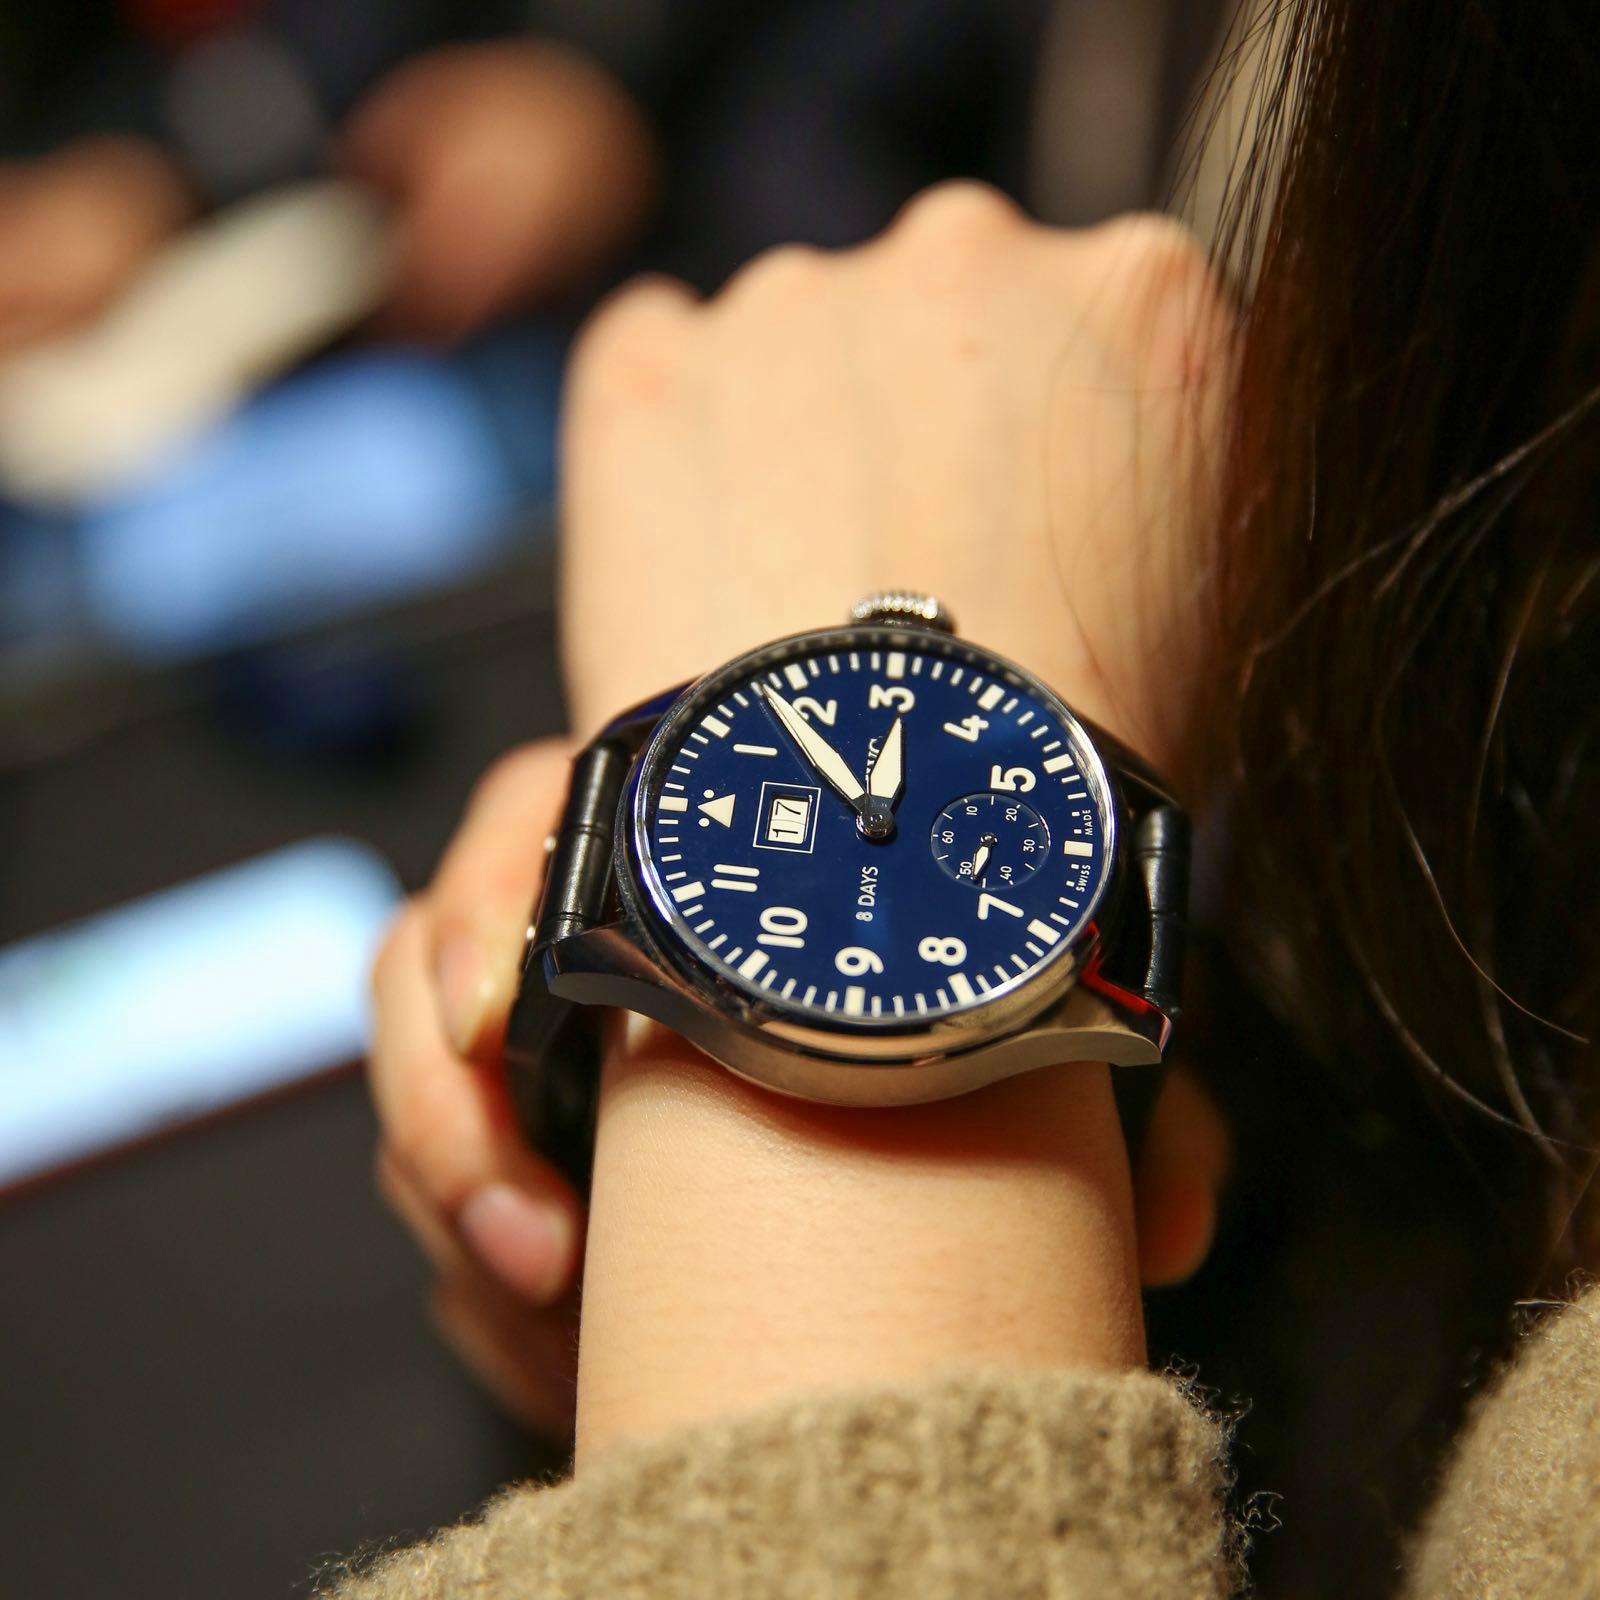 IWC万国表大型飞行员系列150周年纪念腕表